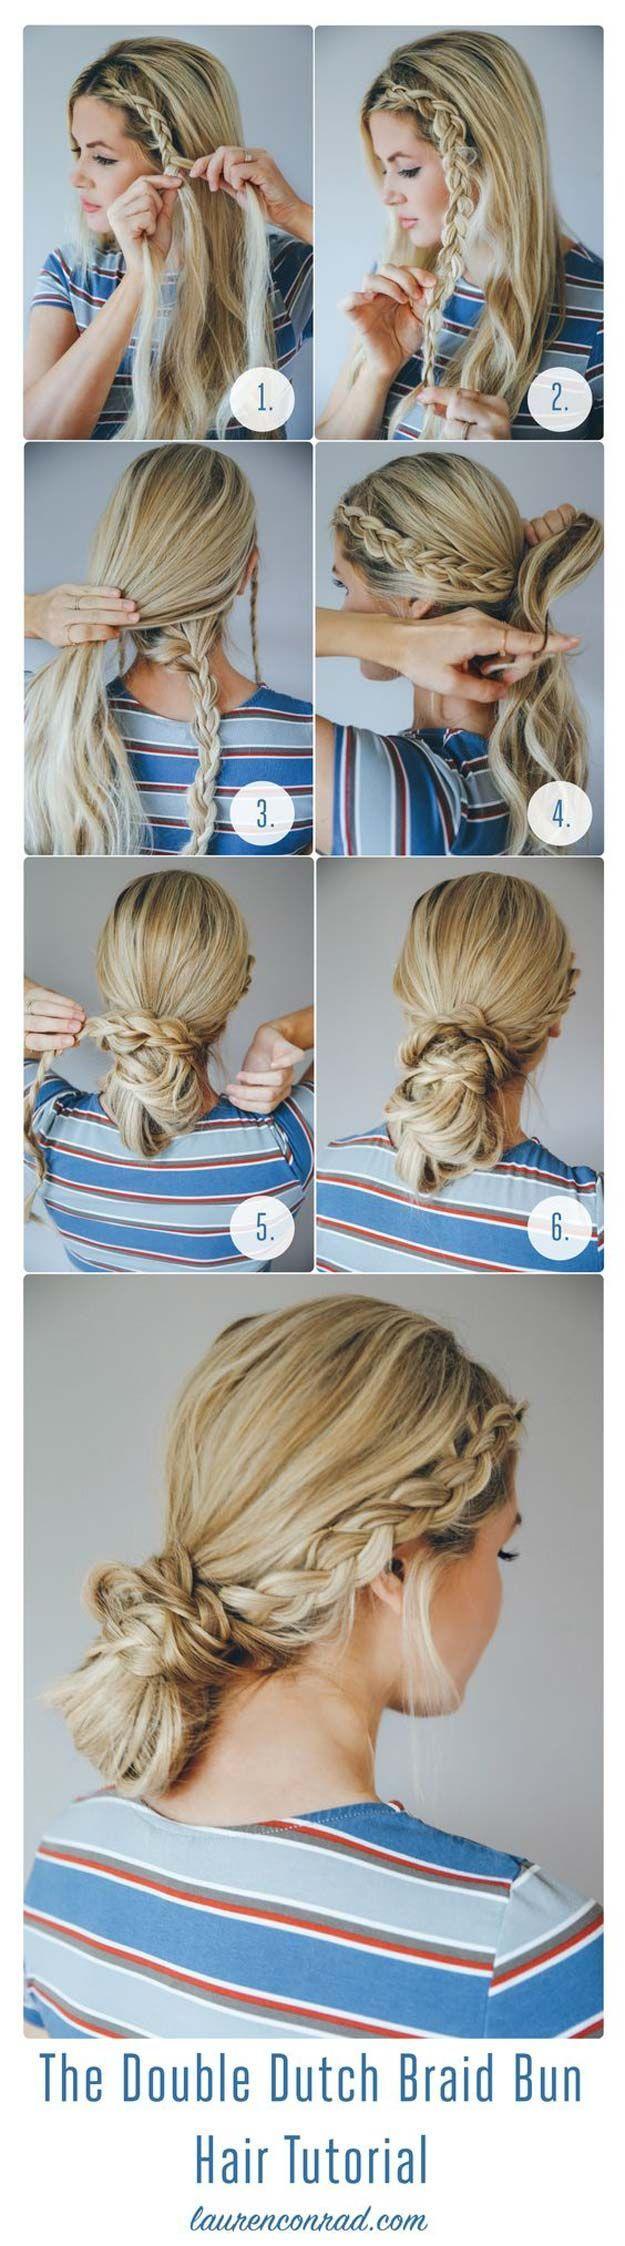 Festival Hair Tutorials - The Double Dutch Braid Bun - Short Quick and Easy Tuto...